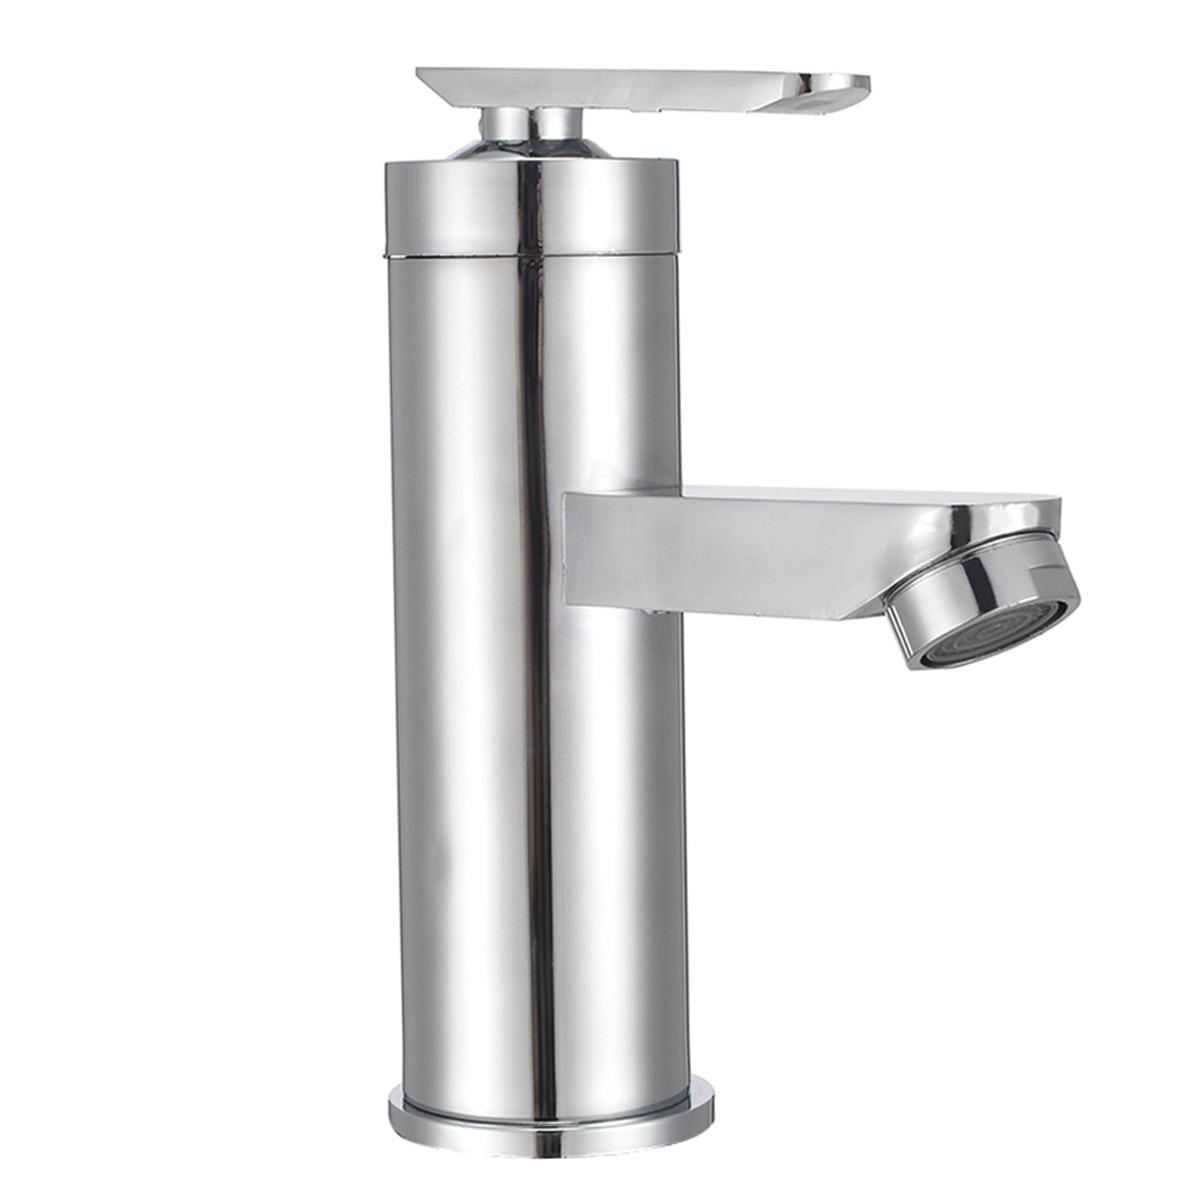 Mayitr смесители для умывальника водопад кран для ванной комнаты хромированный смеситель с одной ручкой кран для раковины для ванной комнаты ...